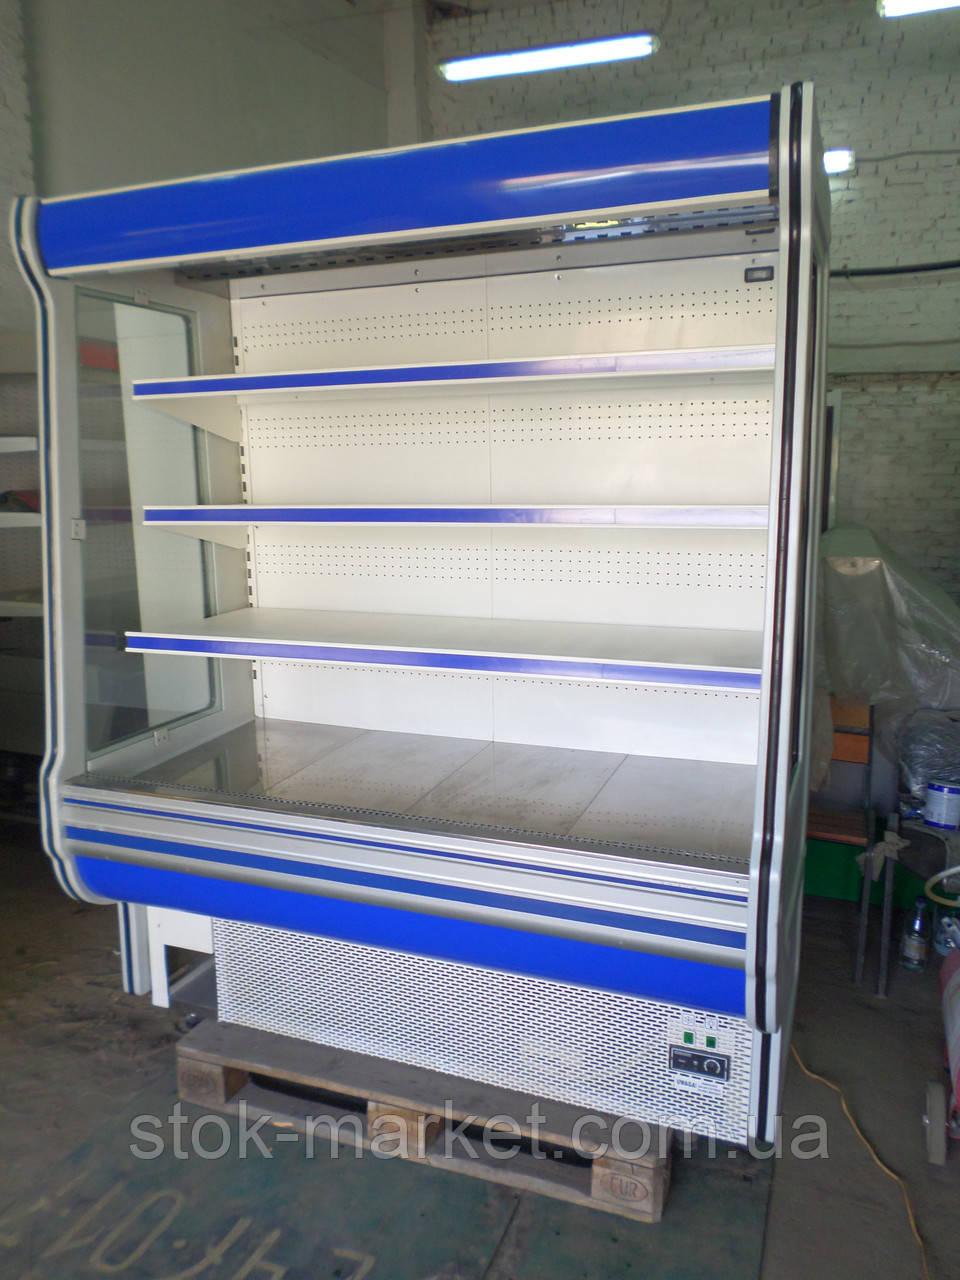 Холодильная горка холодильный регал холодильный стеллаж Сold R16